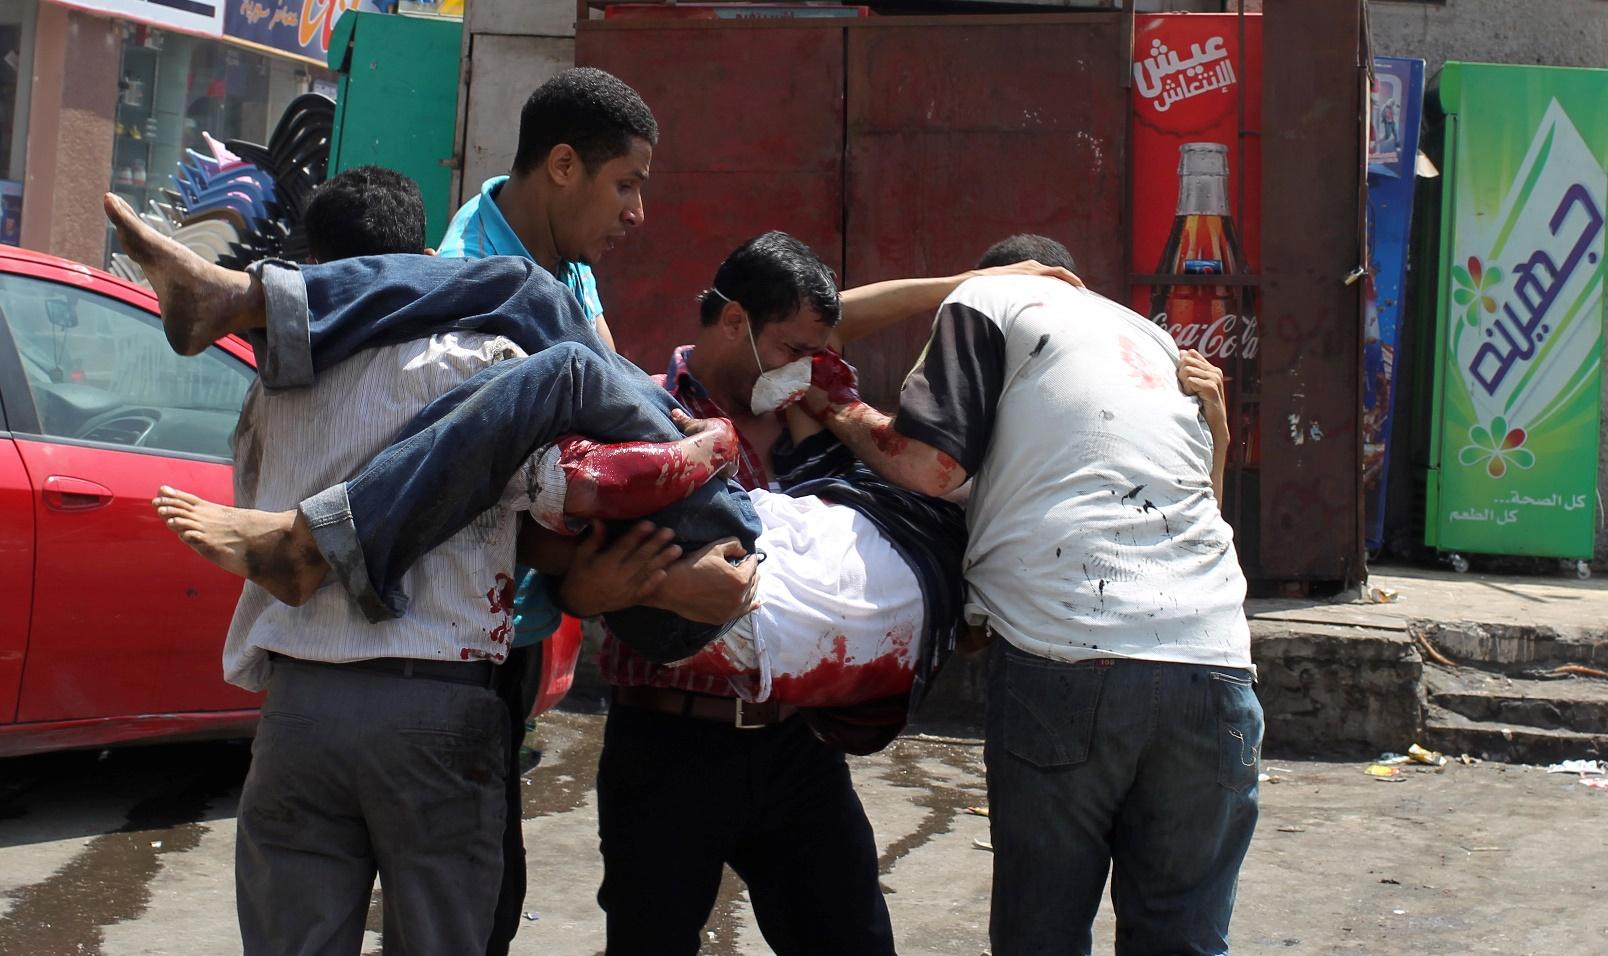 Αίγυπτος: H πιο αιματηρή μέρα από την ανατροπή Μουμπάρακ (update)